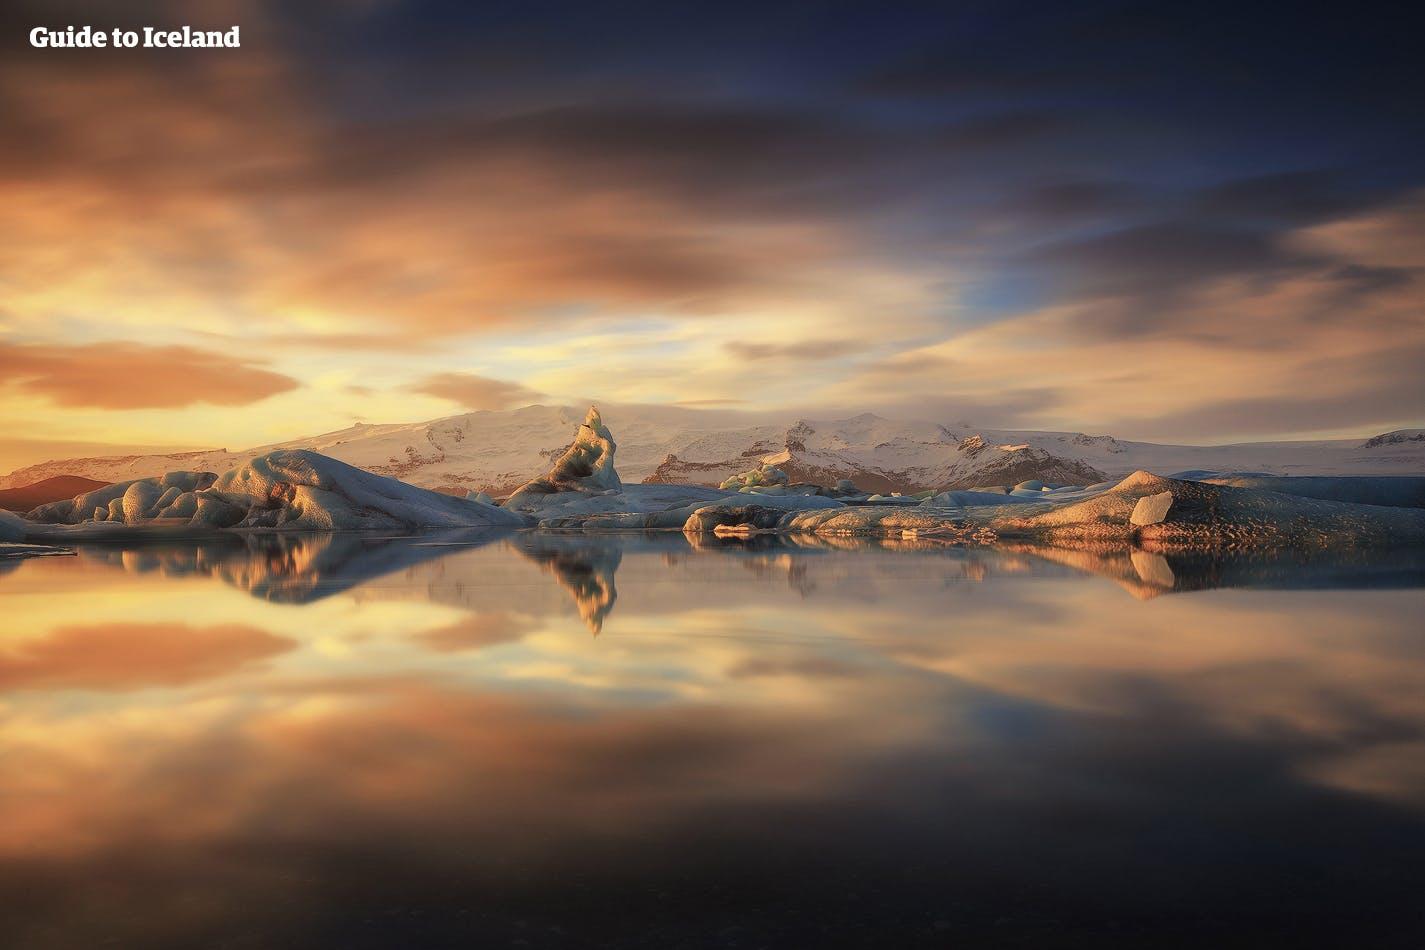 杰古沙龙冰河湖将会是在这个8日环岛旅行团期间其中一个让你最难忘的旅游景点